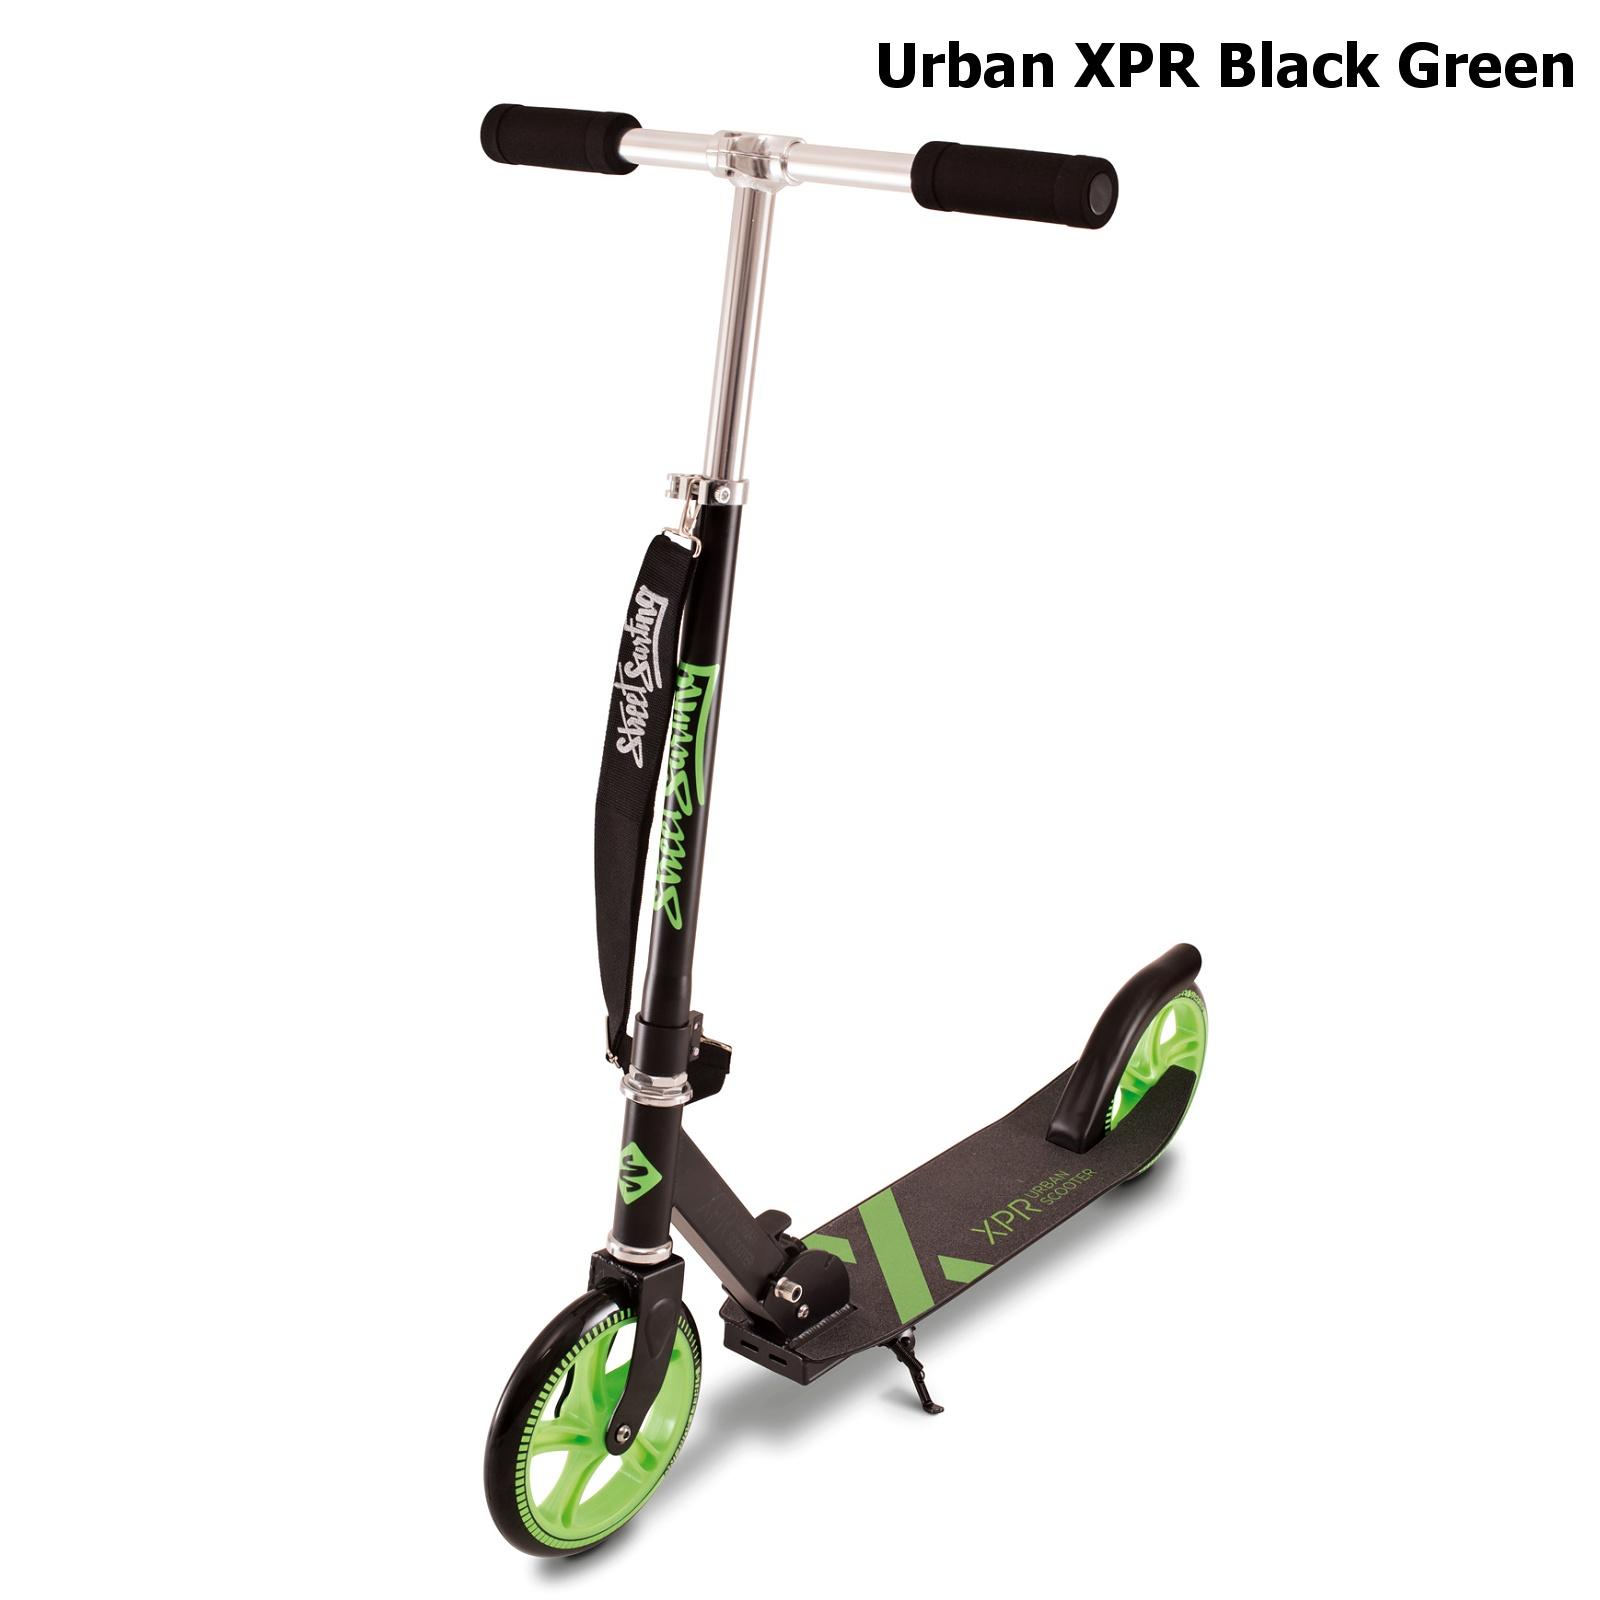 Koloběžka STREET SURFING Urban XPR - černo-zelená